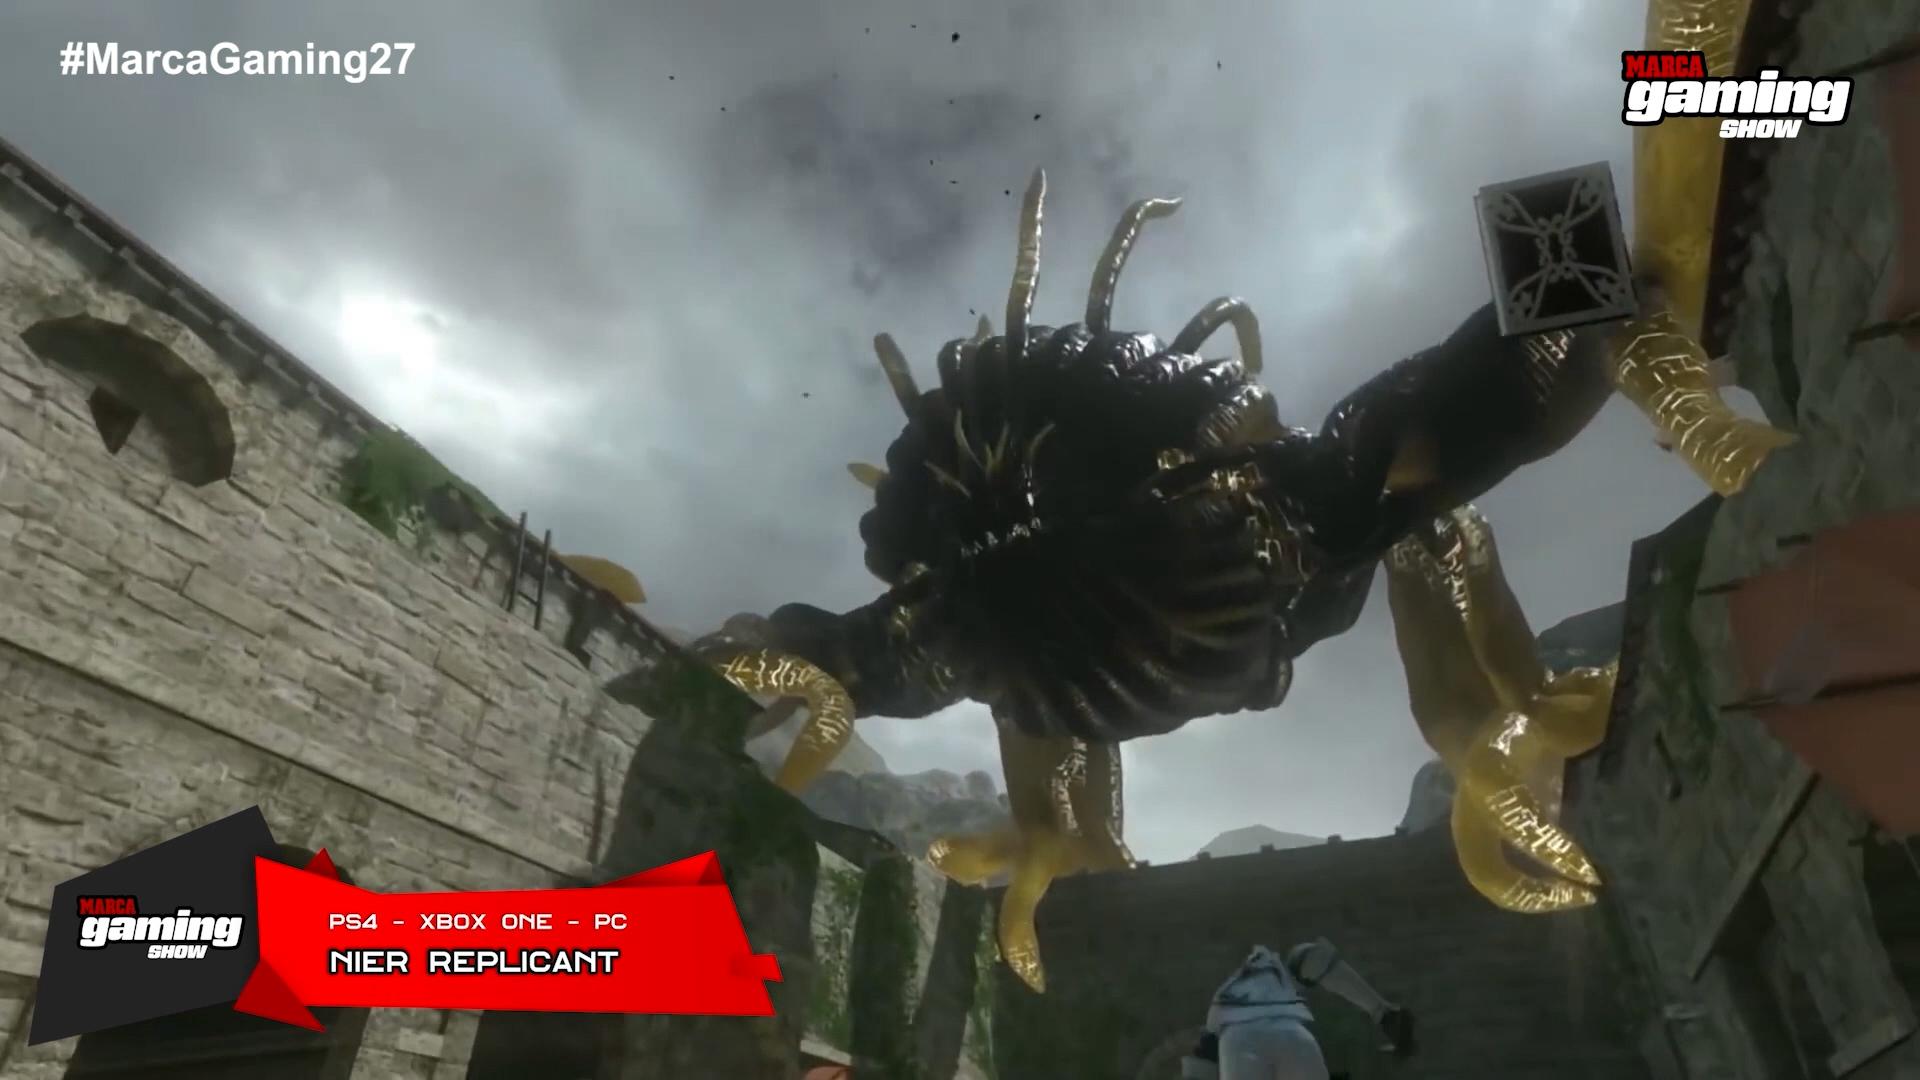 NieR Replicant (PS4, Xbox One, PC)